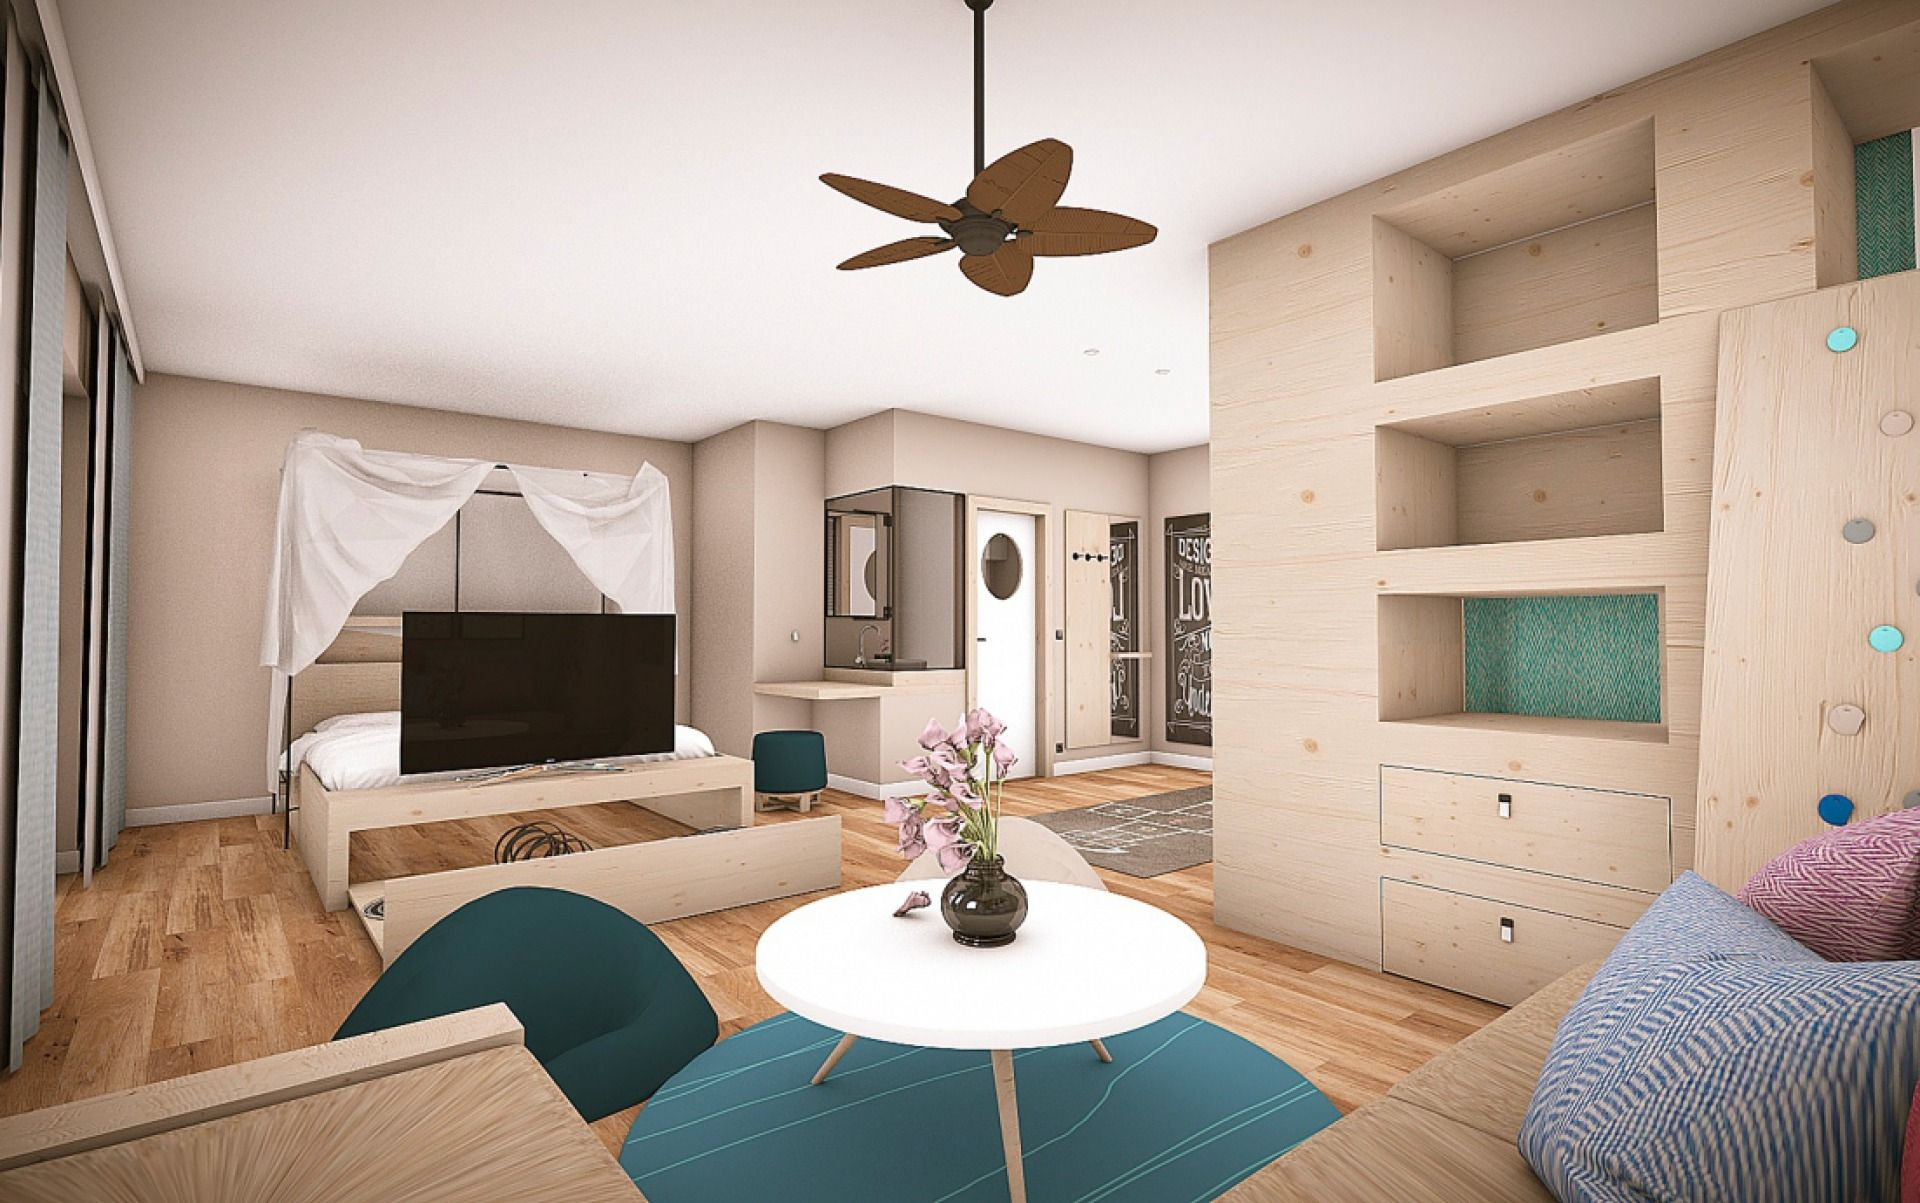 Neu Kailua Lodge Pelzerhaken Ideen